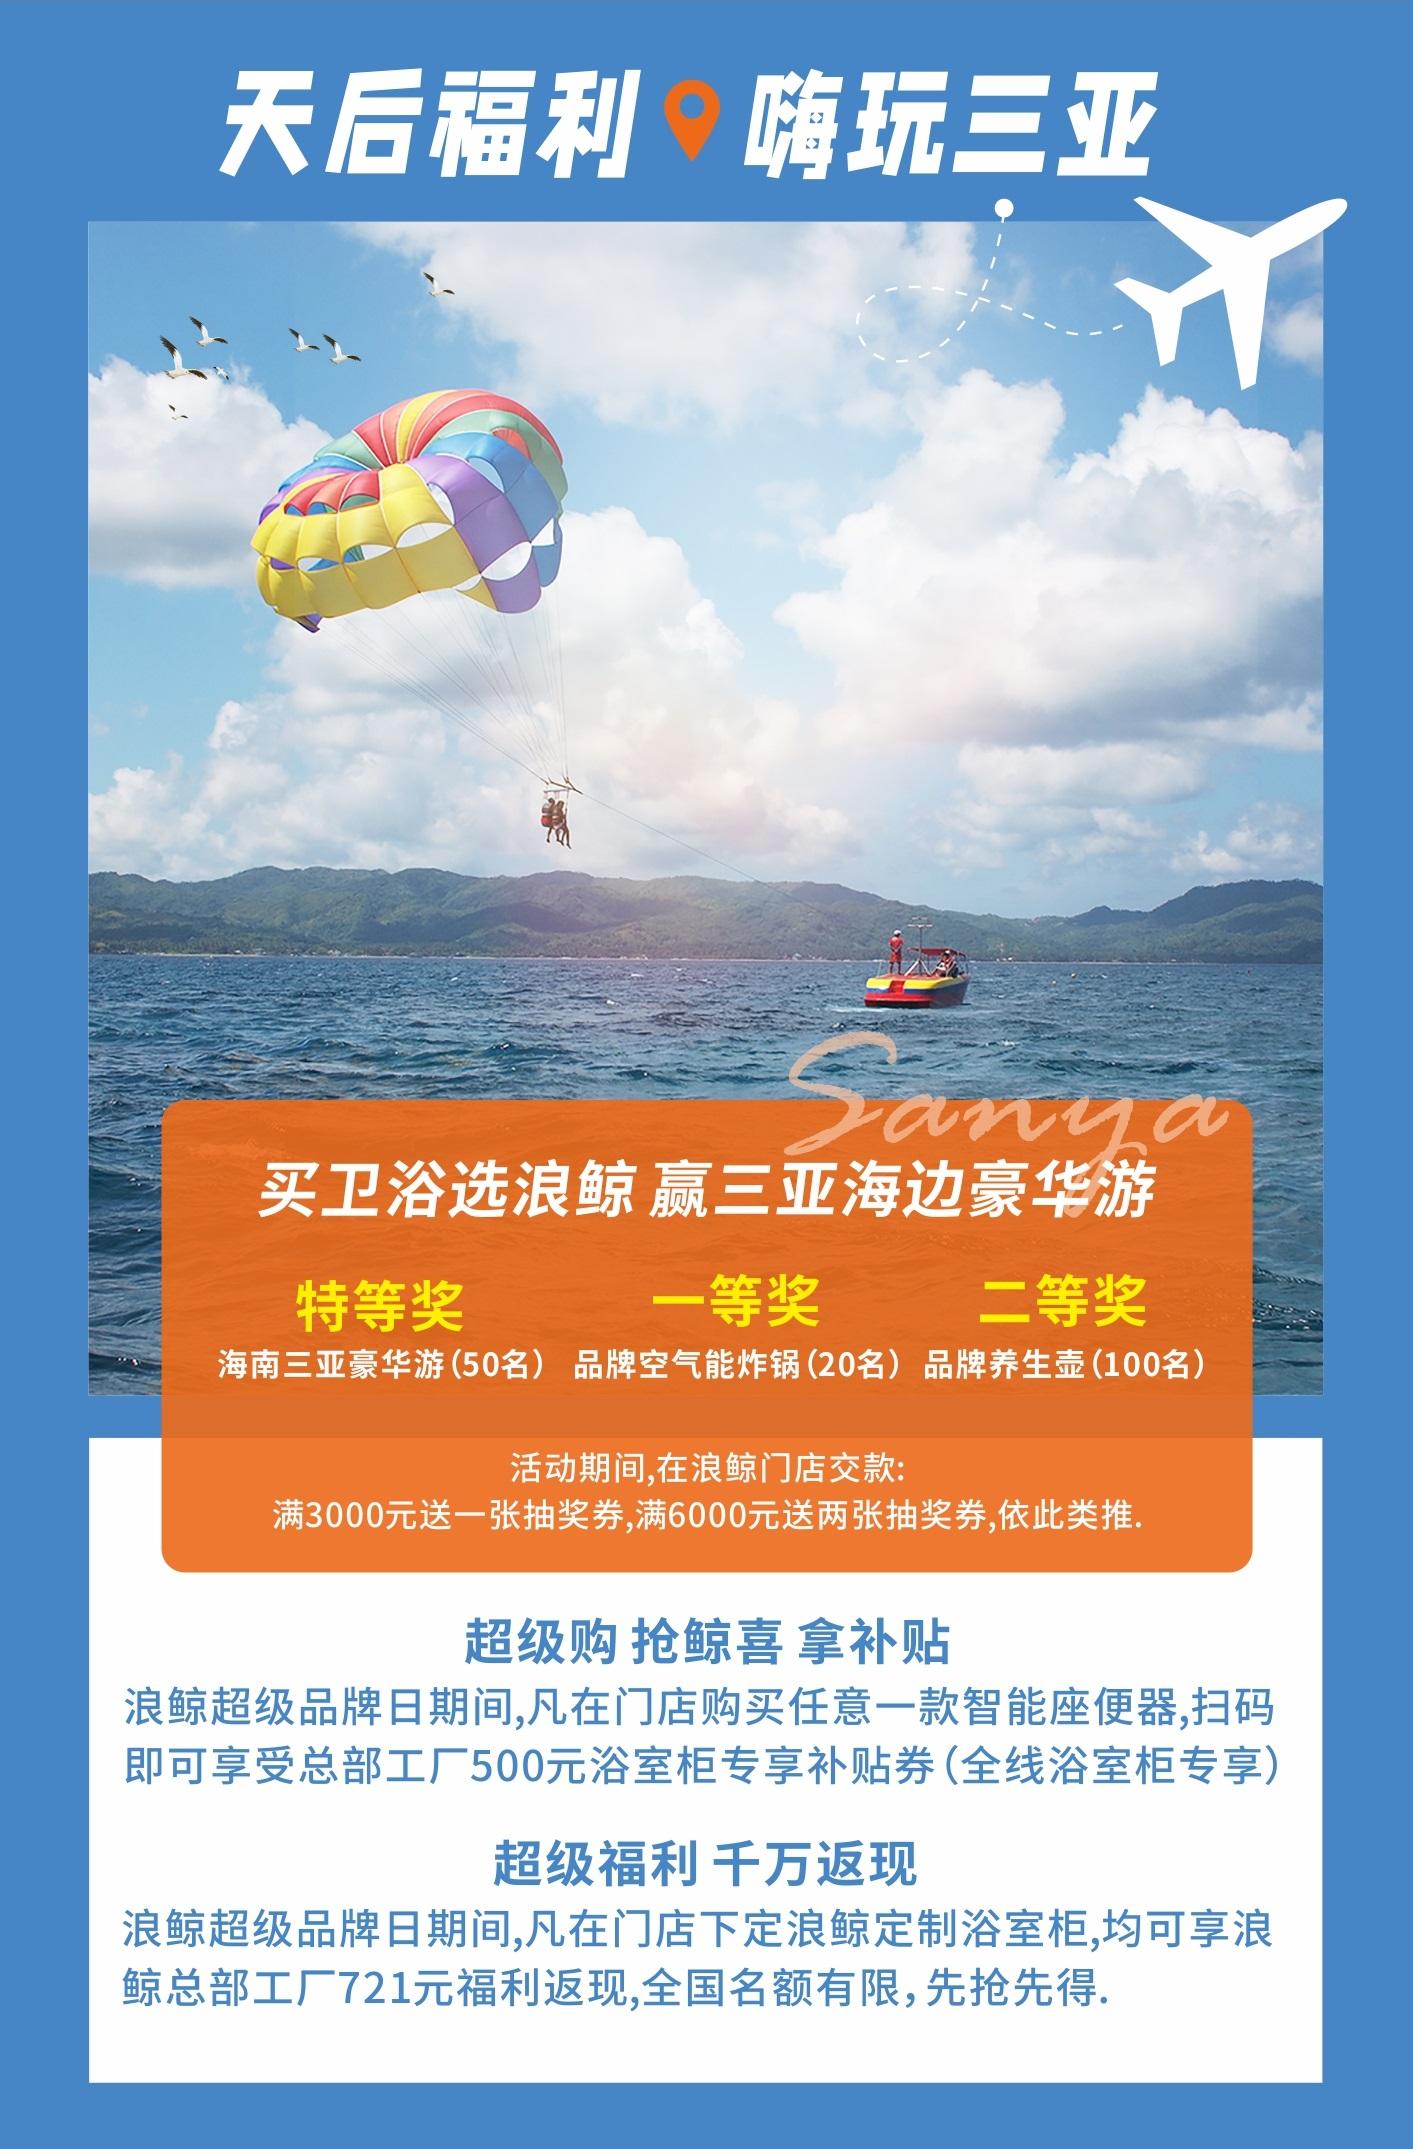 """鲸喜回归 潮燃一夏!浪鲸卫浴721品牌日""""非常鲸喜""""即将开启"""